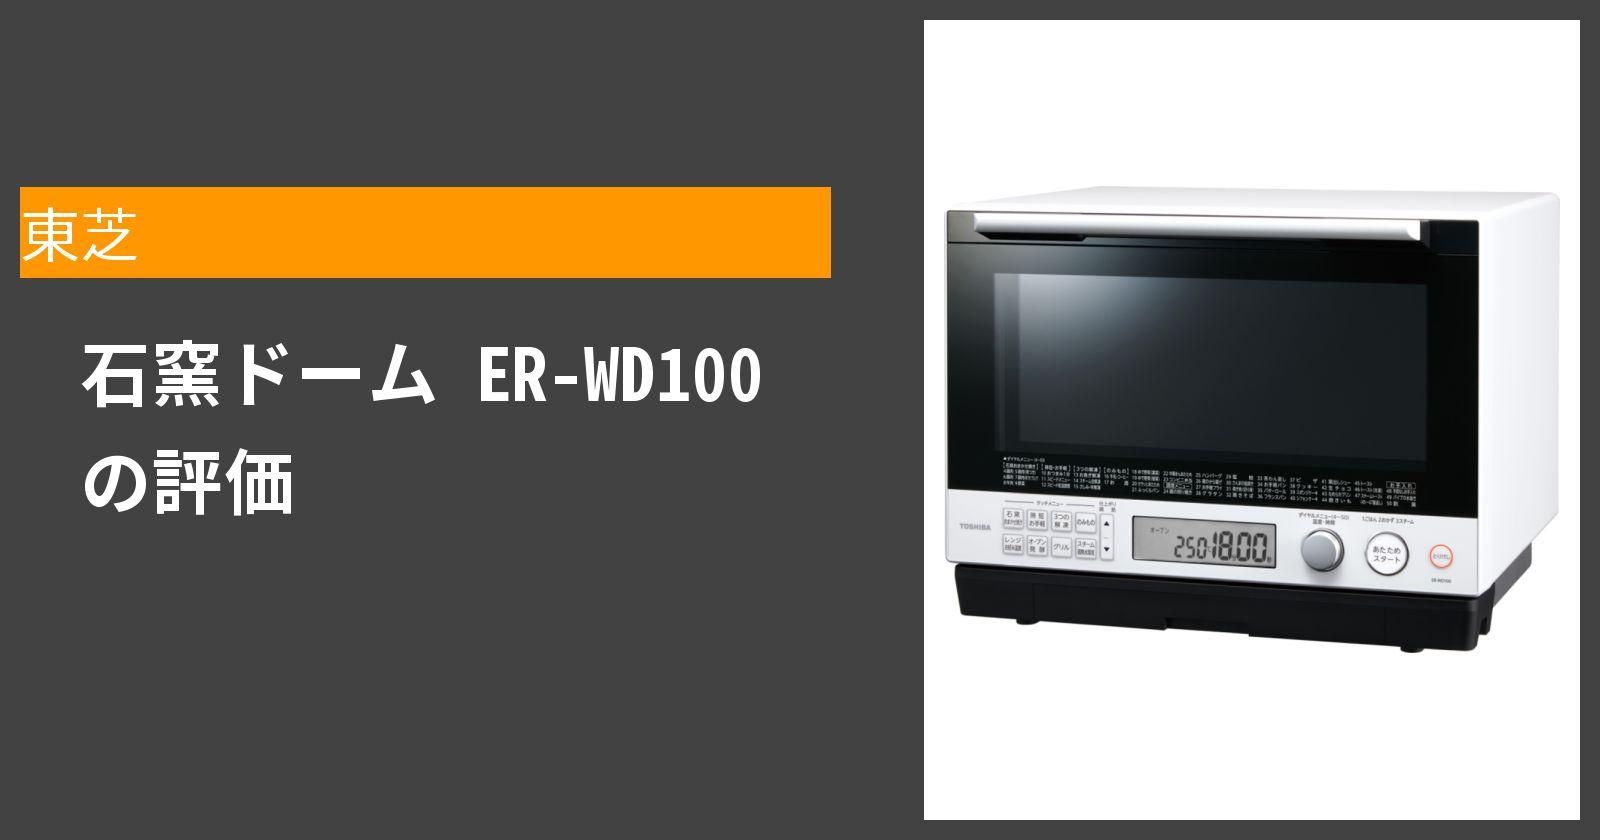 石窯ドーム ER-WD100を徹底評価